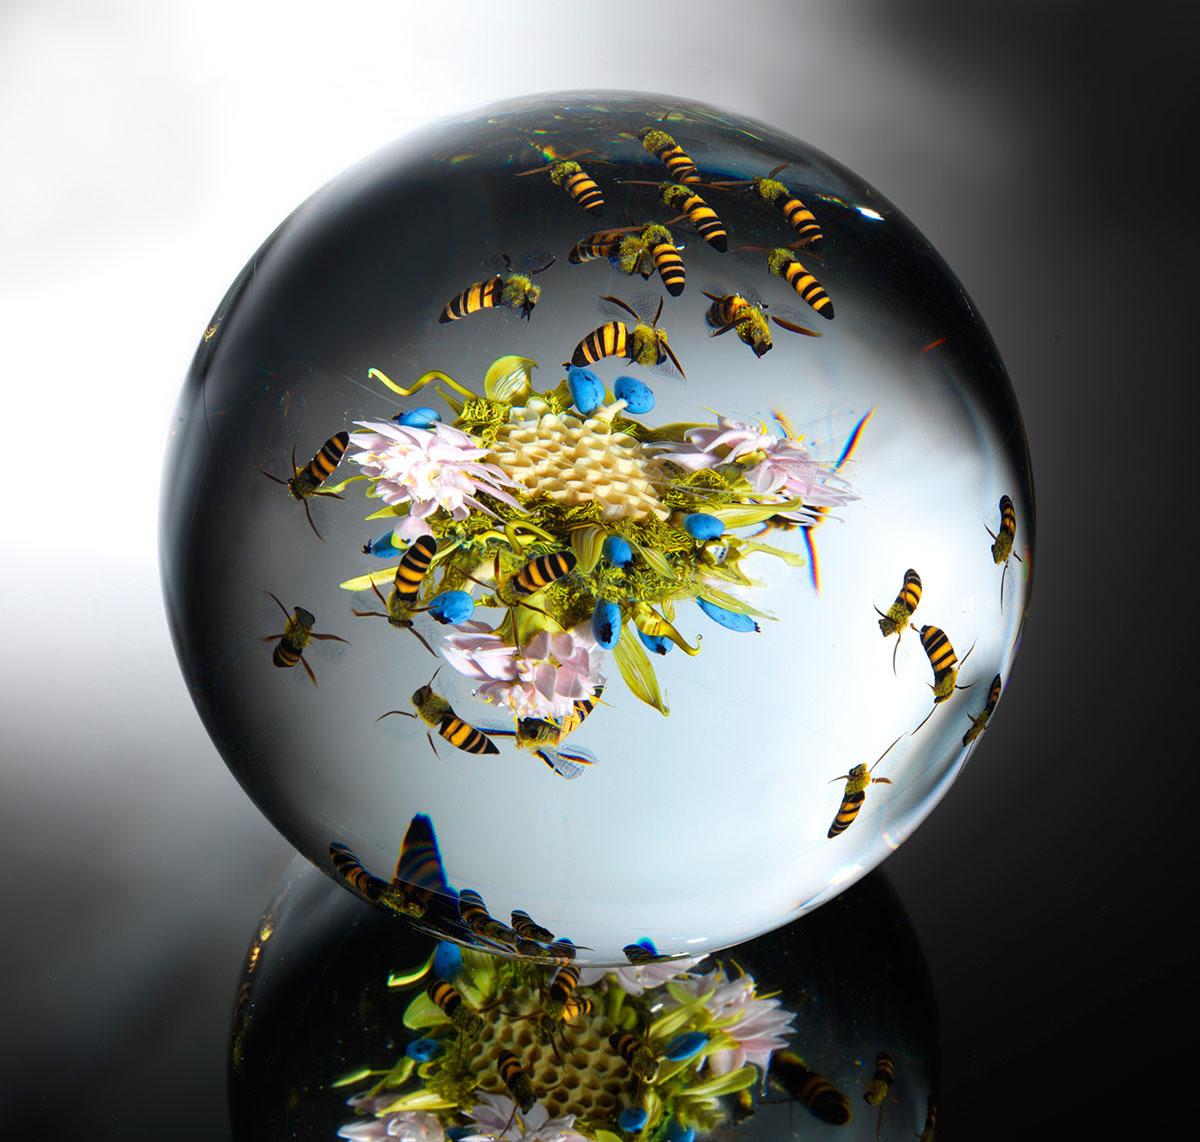 Beauty Beyond Nature: Stunning Artistic Glass Paperweights by Paul J. Stankard sculpture glass